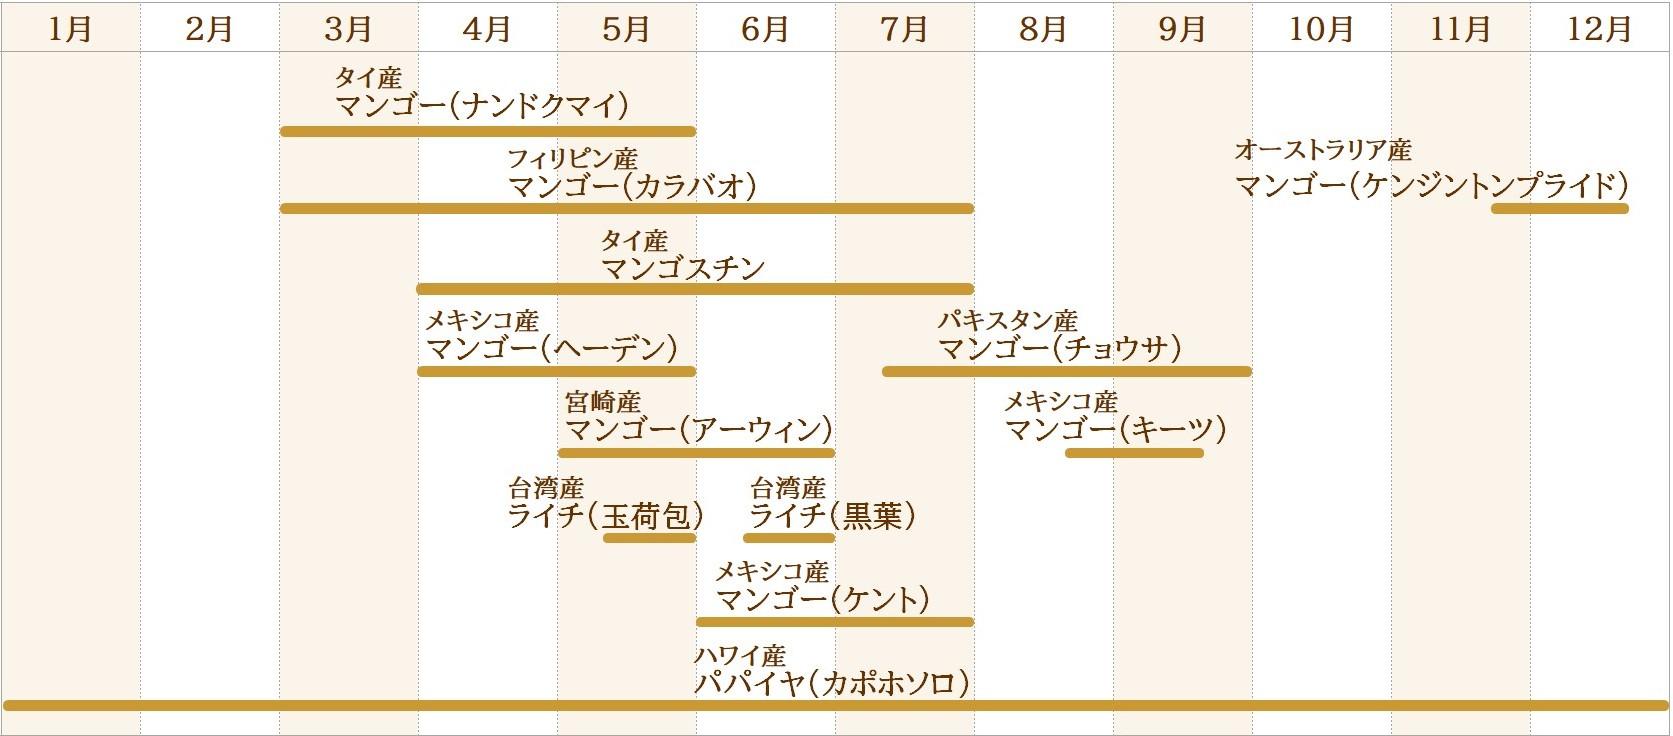 果物取り扱いカレンダー(トロピカルフルーツ)